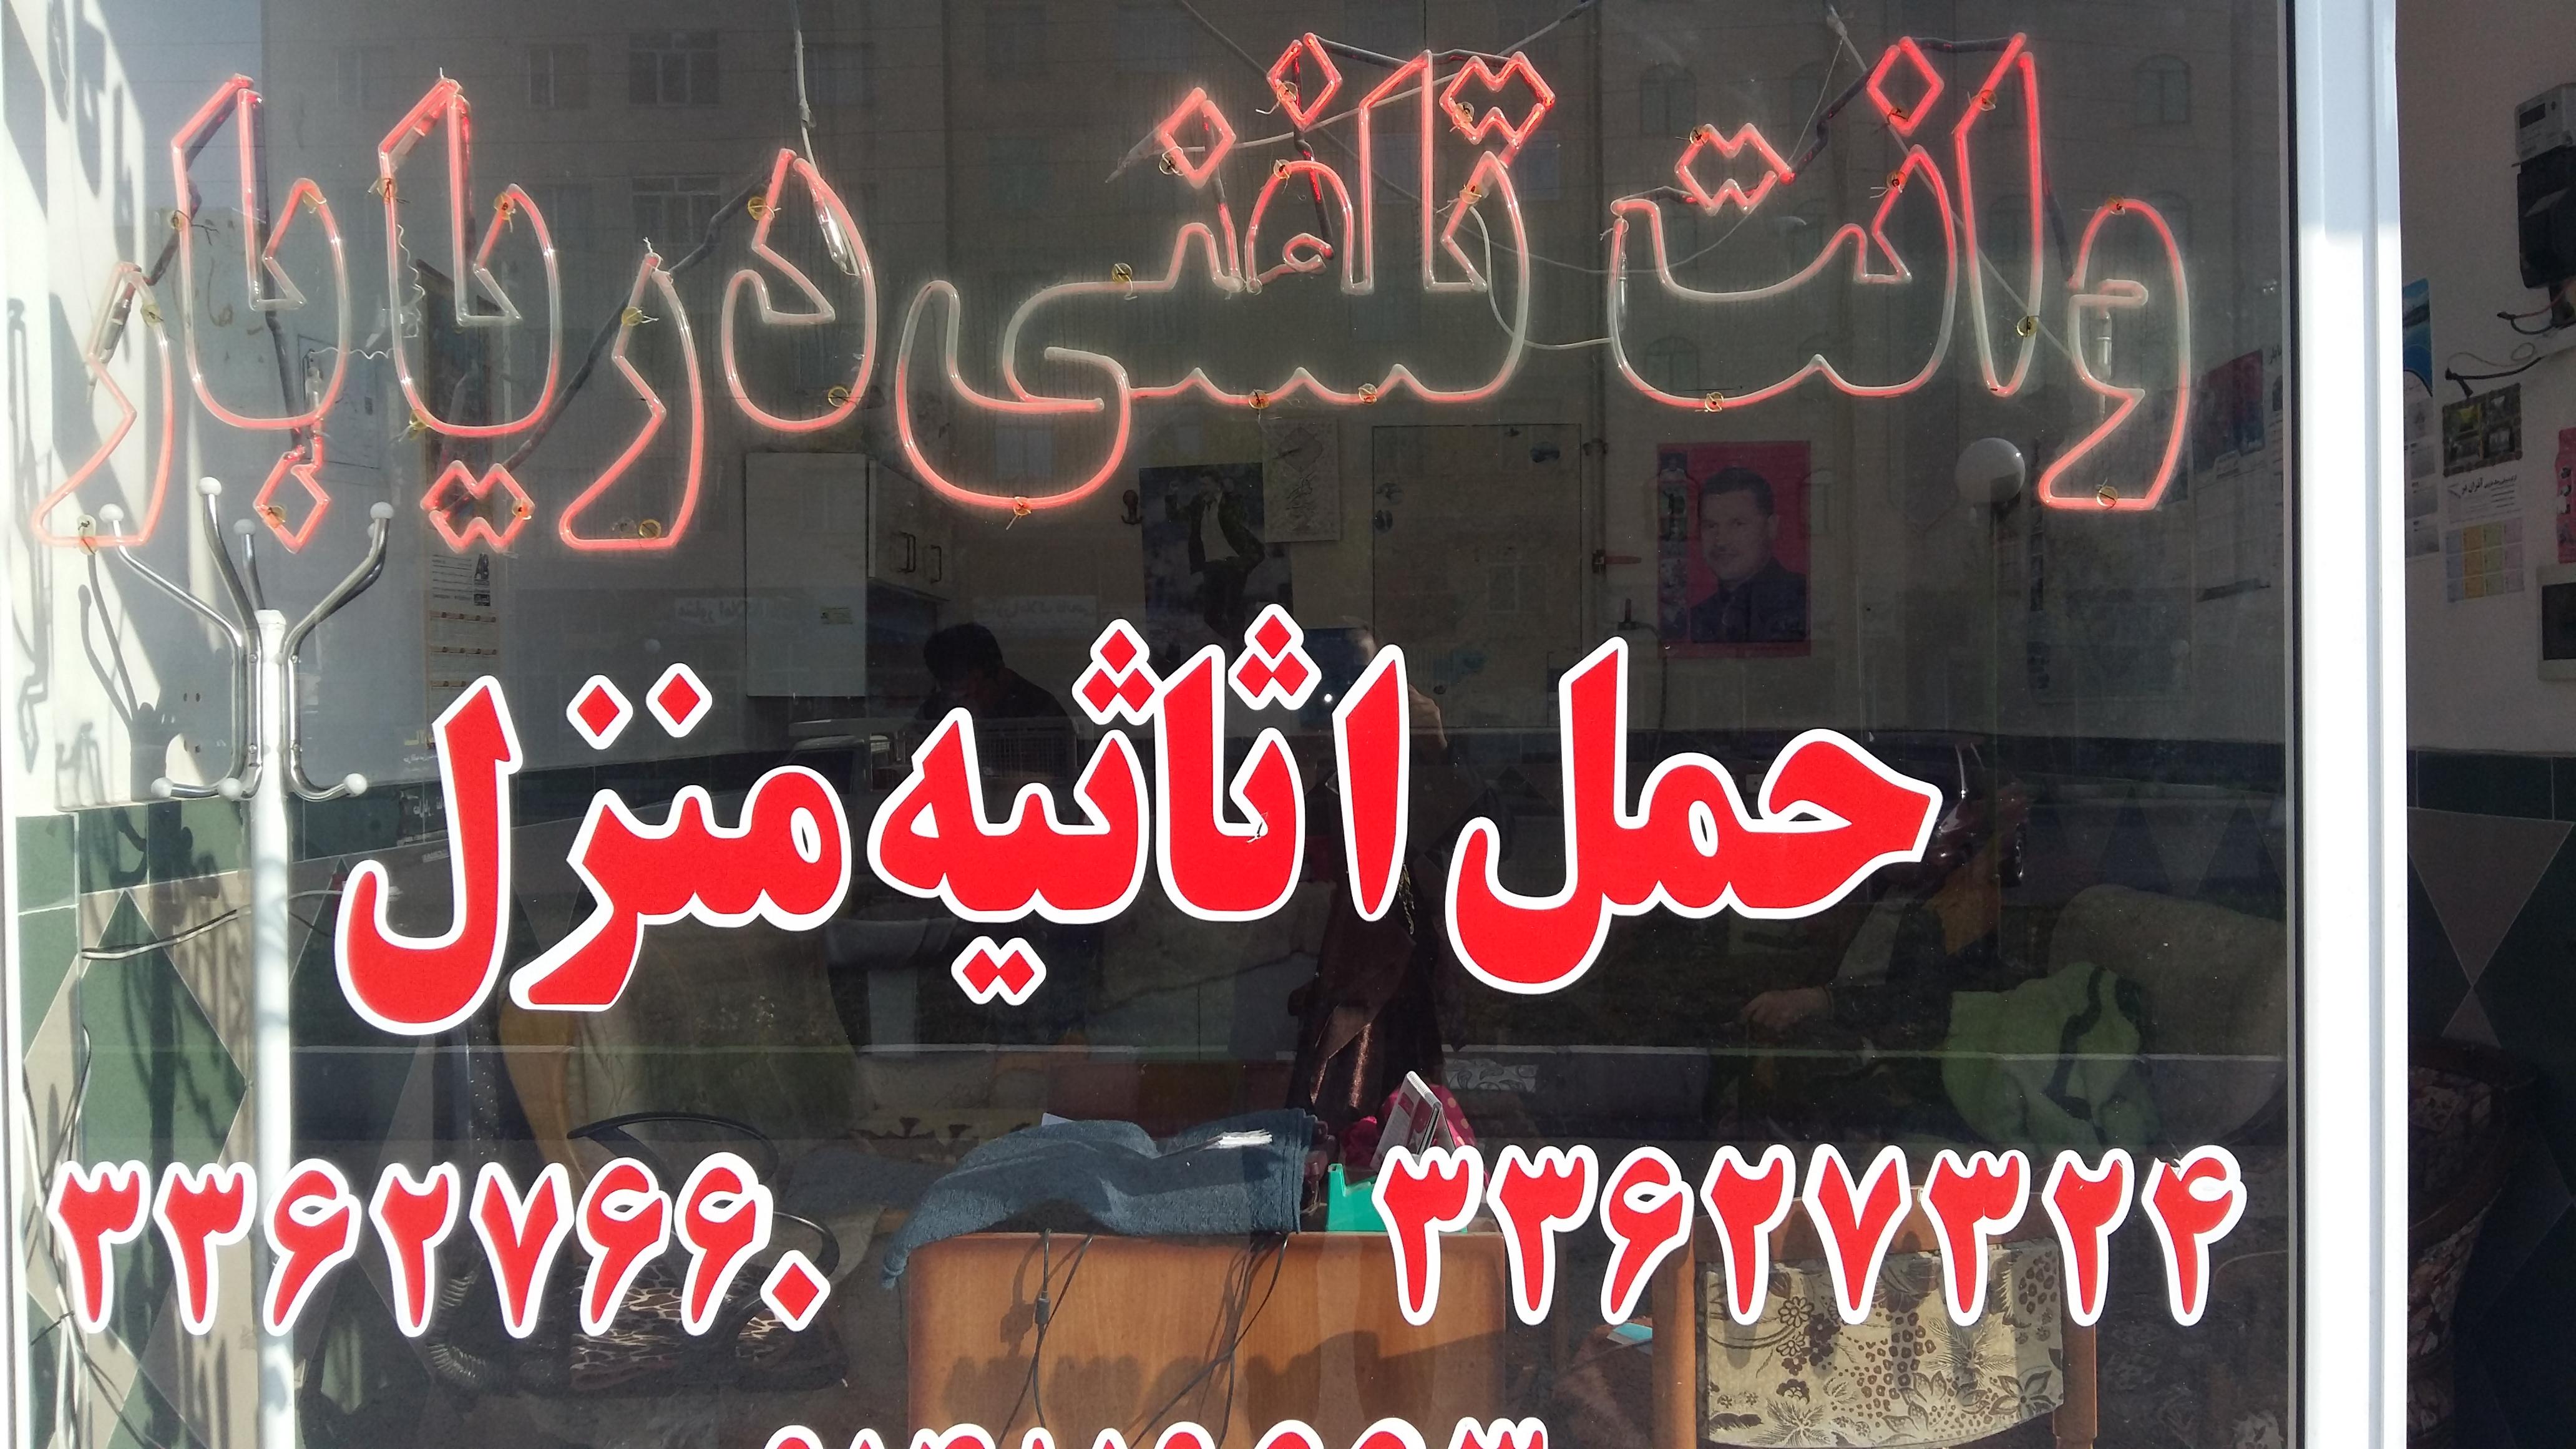 درآمد کار با نیسان یخچالدار تعداد 285 بسم الله